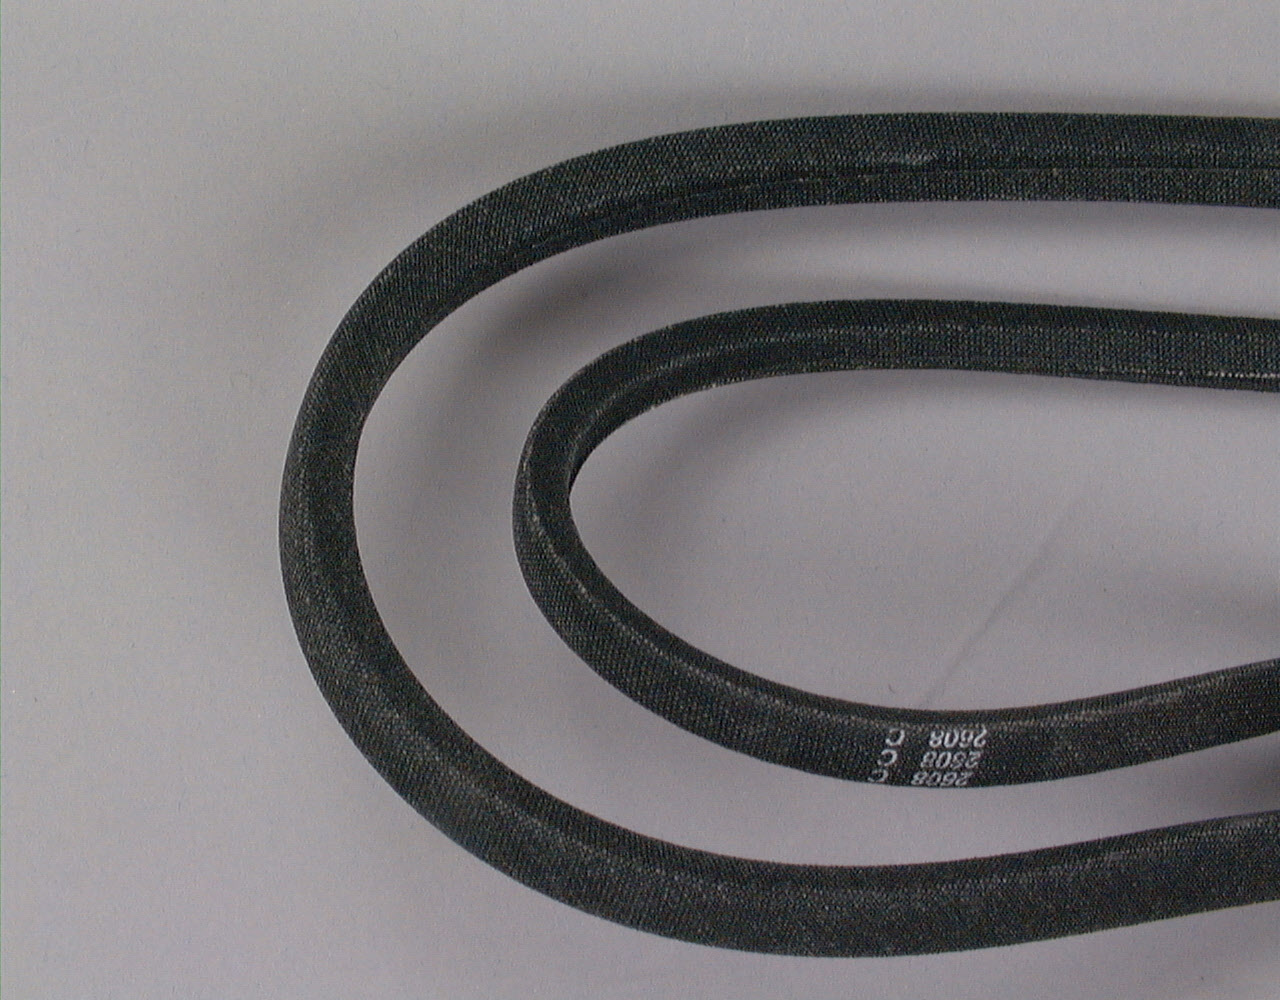 12112425 Jenn Air Washing Machine Part -Belt Kit